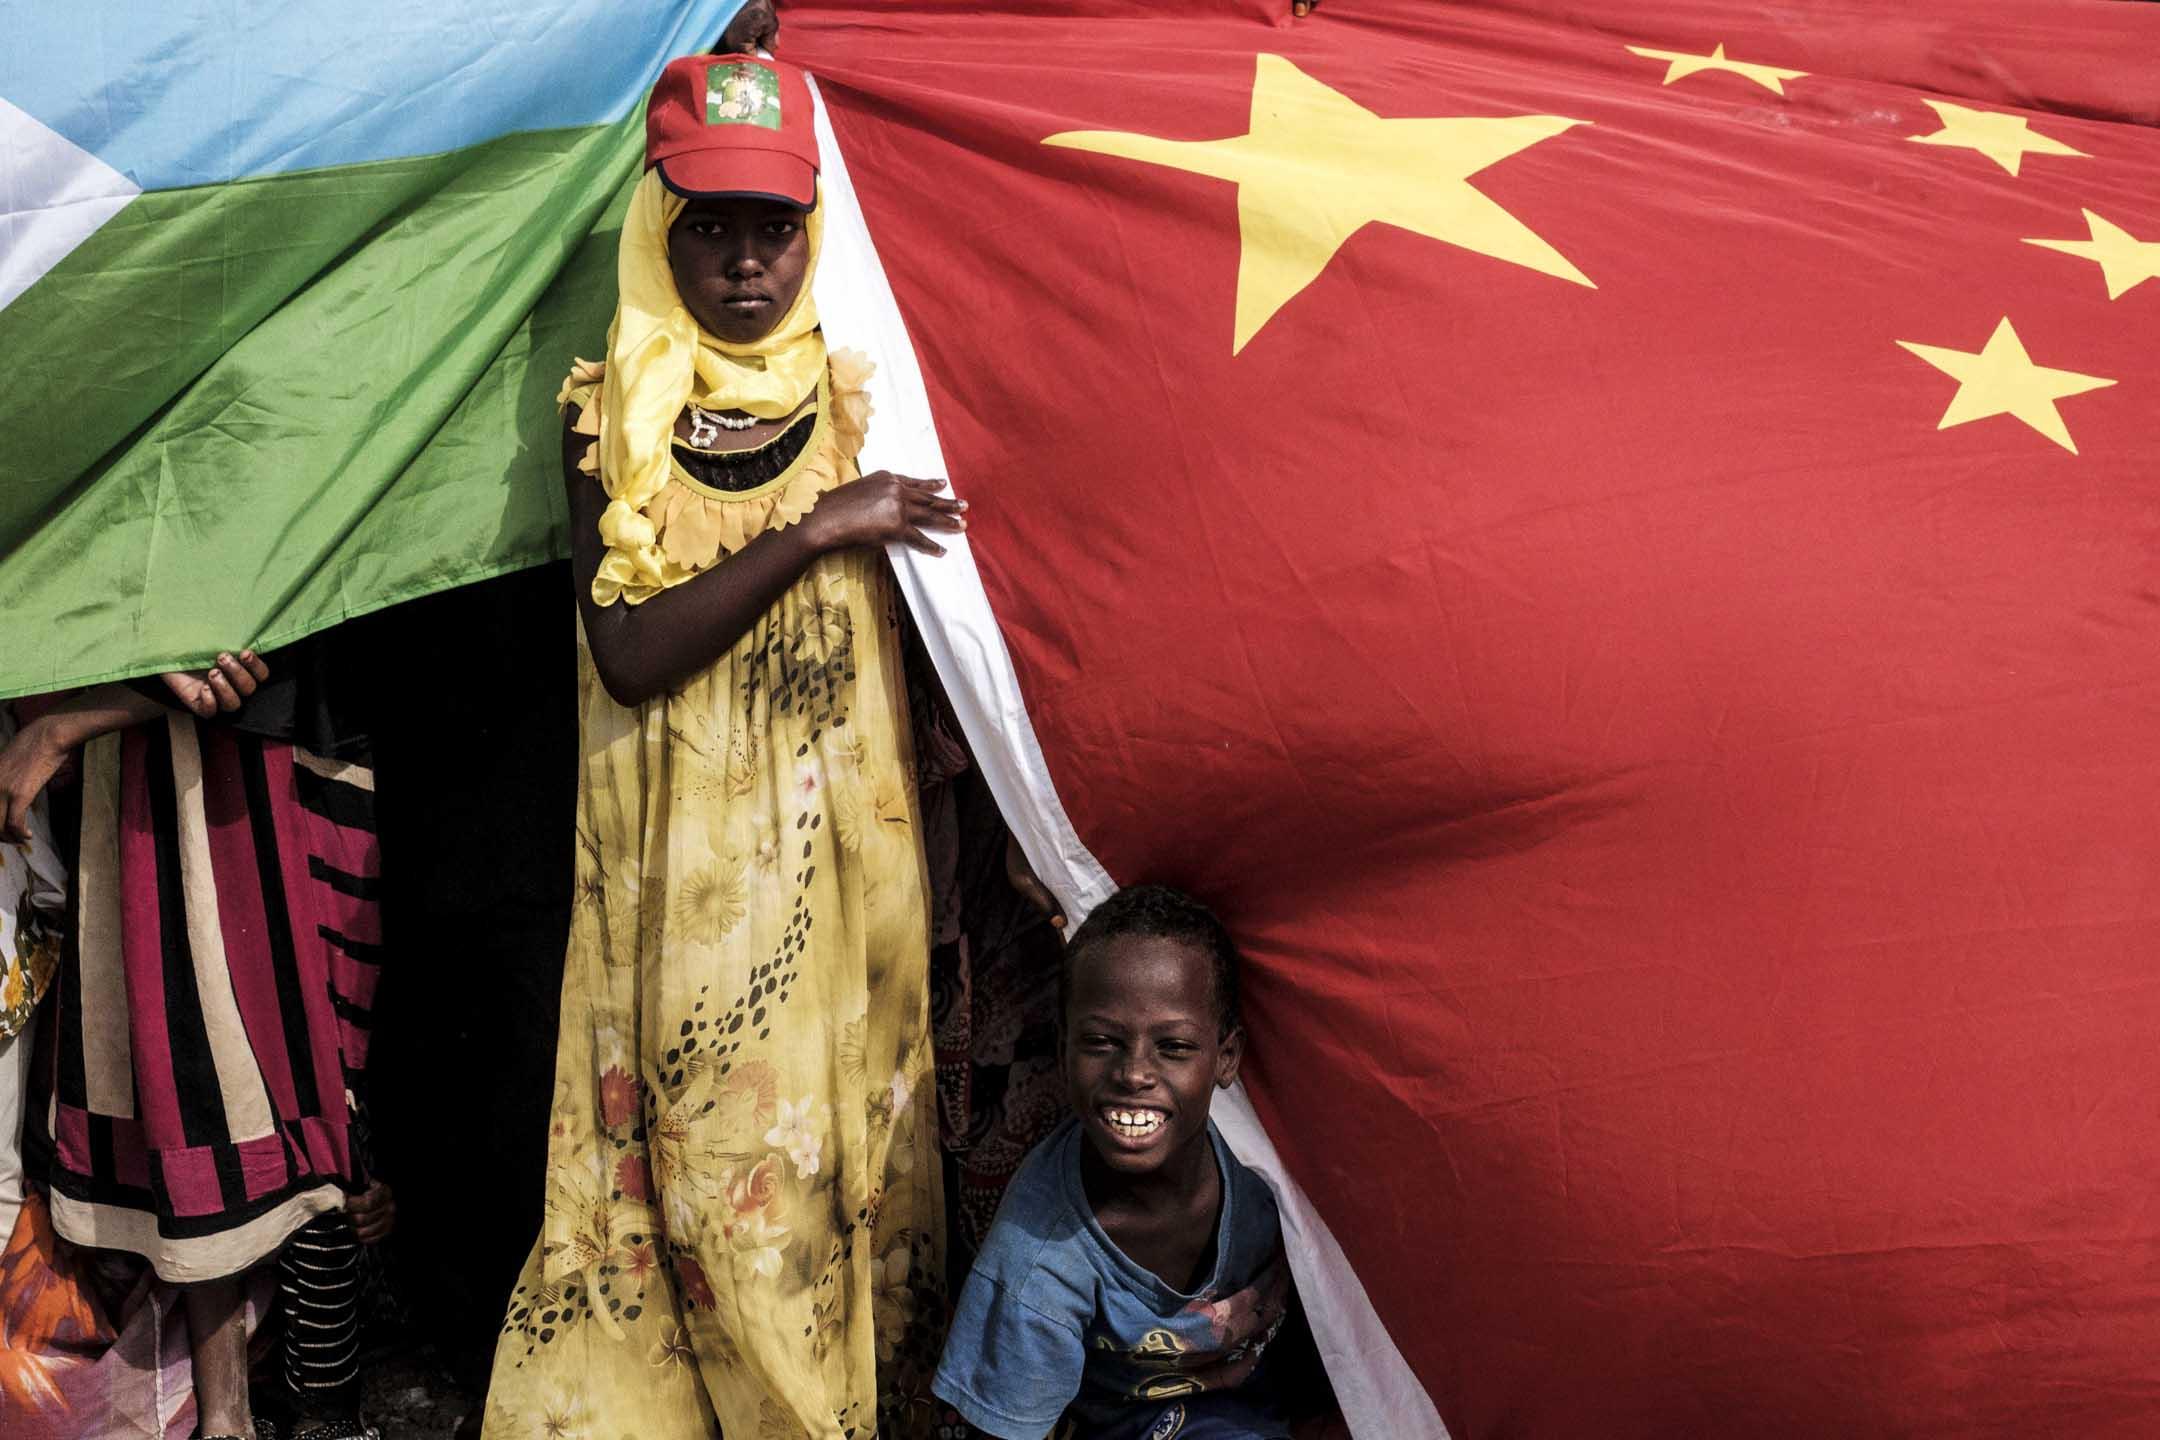 2018年7月4日,非洲吉布一個新的住房建設項目啟動儀式上,懸掛著中國和吉布提國旗。 攝:Yasuyoshi Chiba/AFP via Getty Images